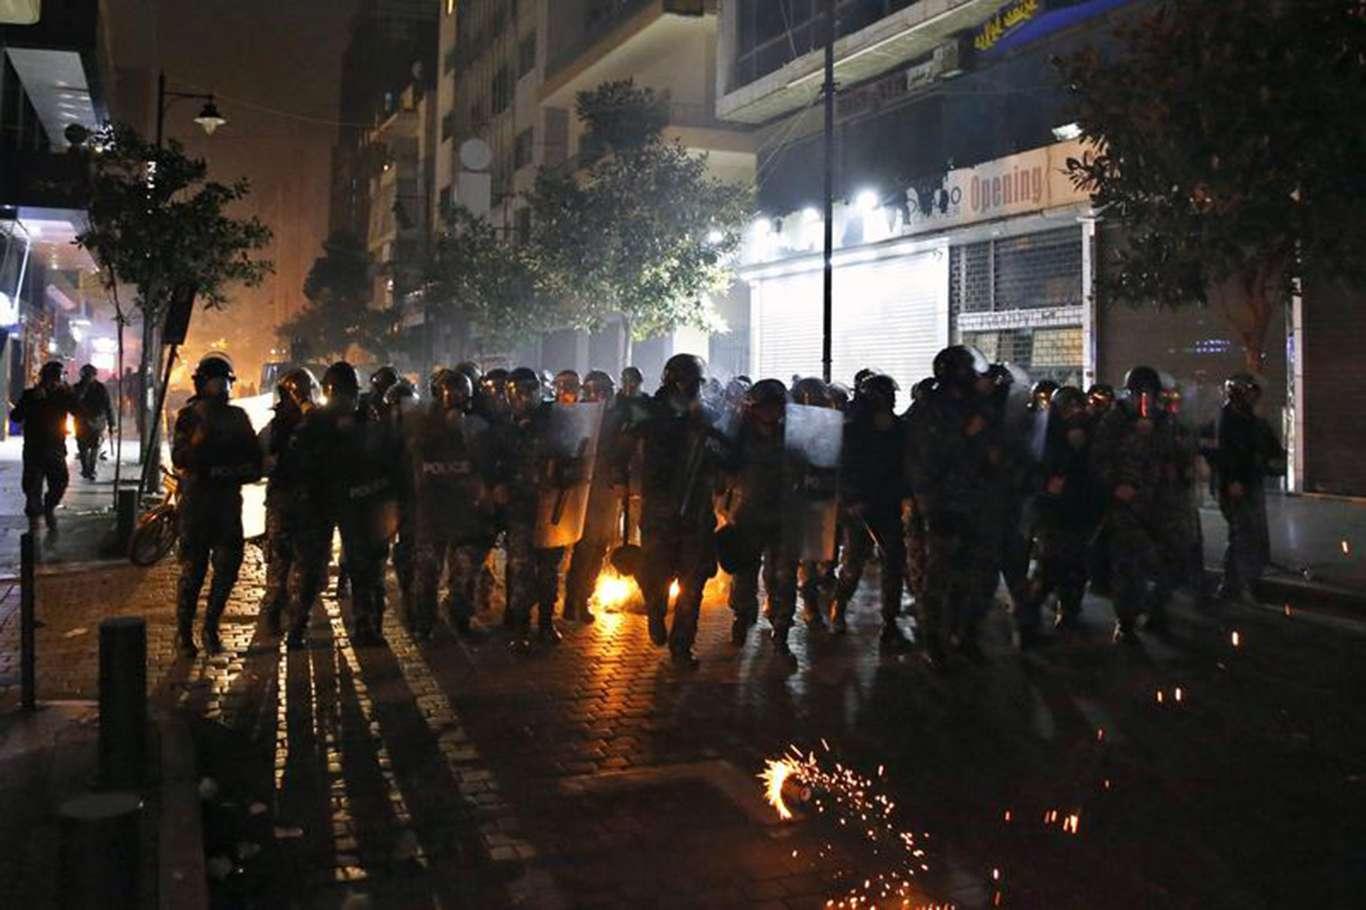 Lübnan'da Gösteriler Çatışmaya Döndü Yüzlerce Yaralı Var